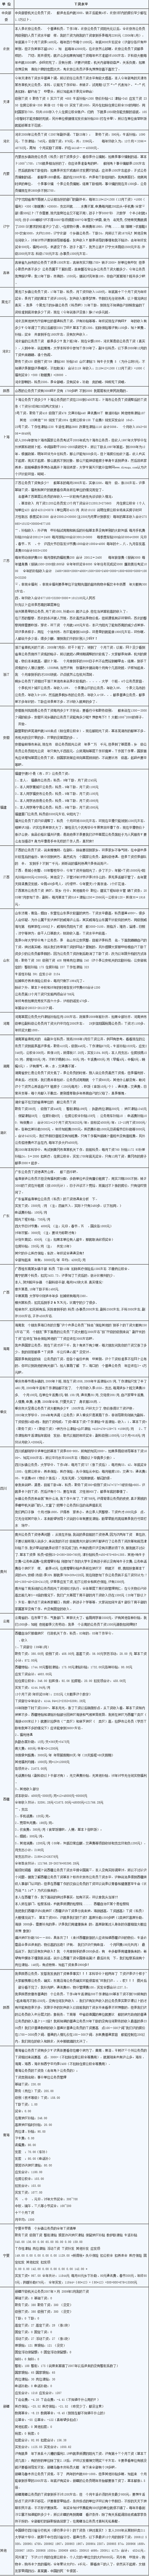 全国31个地区公务员工资曝光 - 深瞳渊源 - 深瞳渊源,品味经典!!!